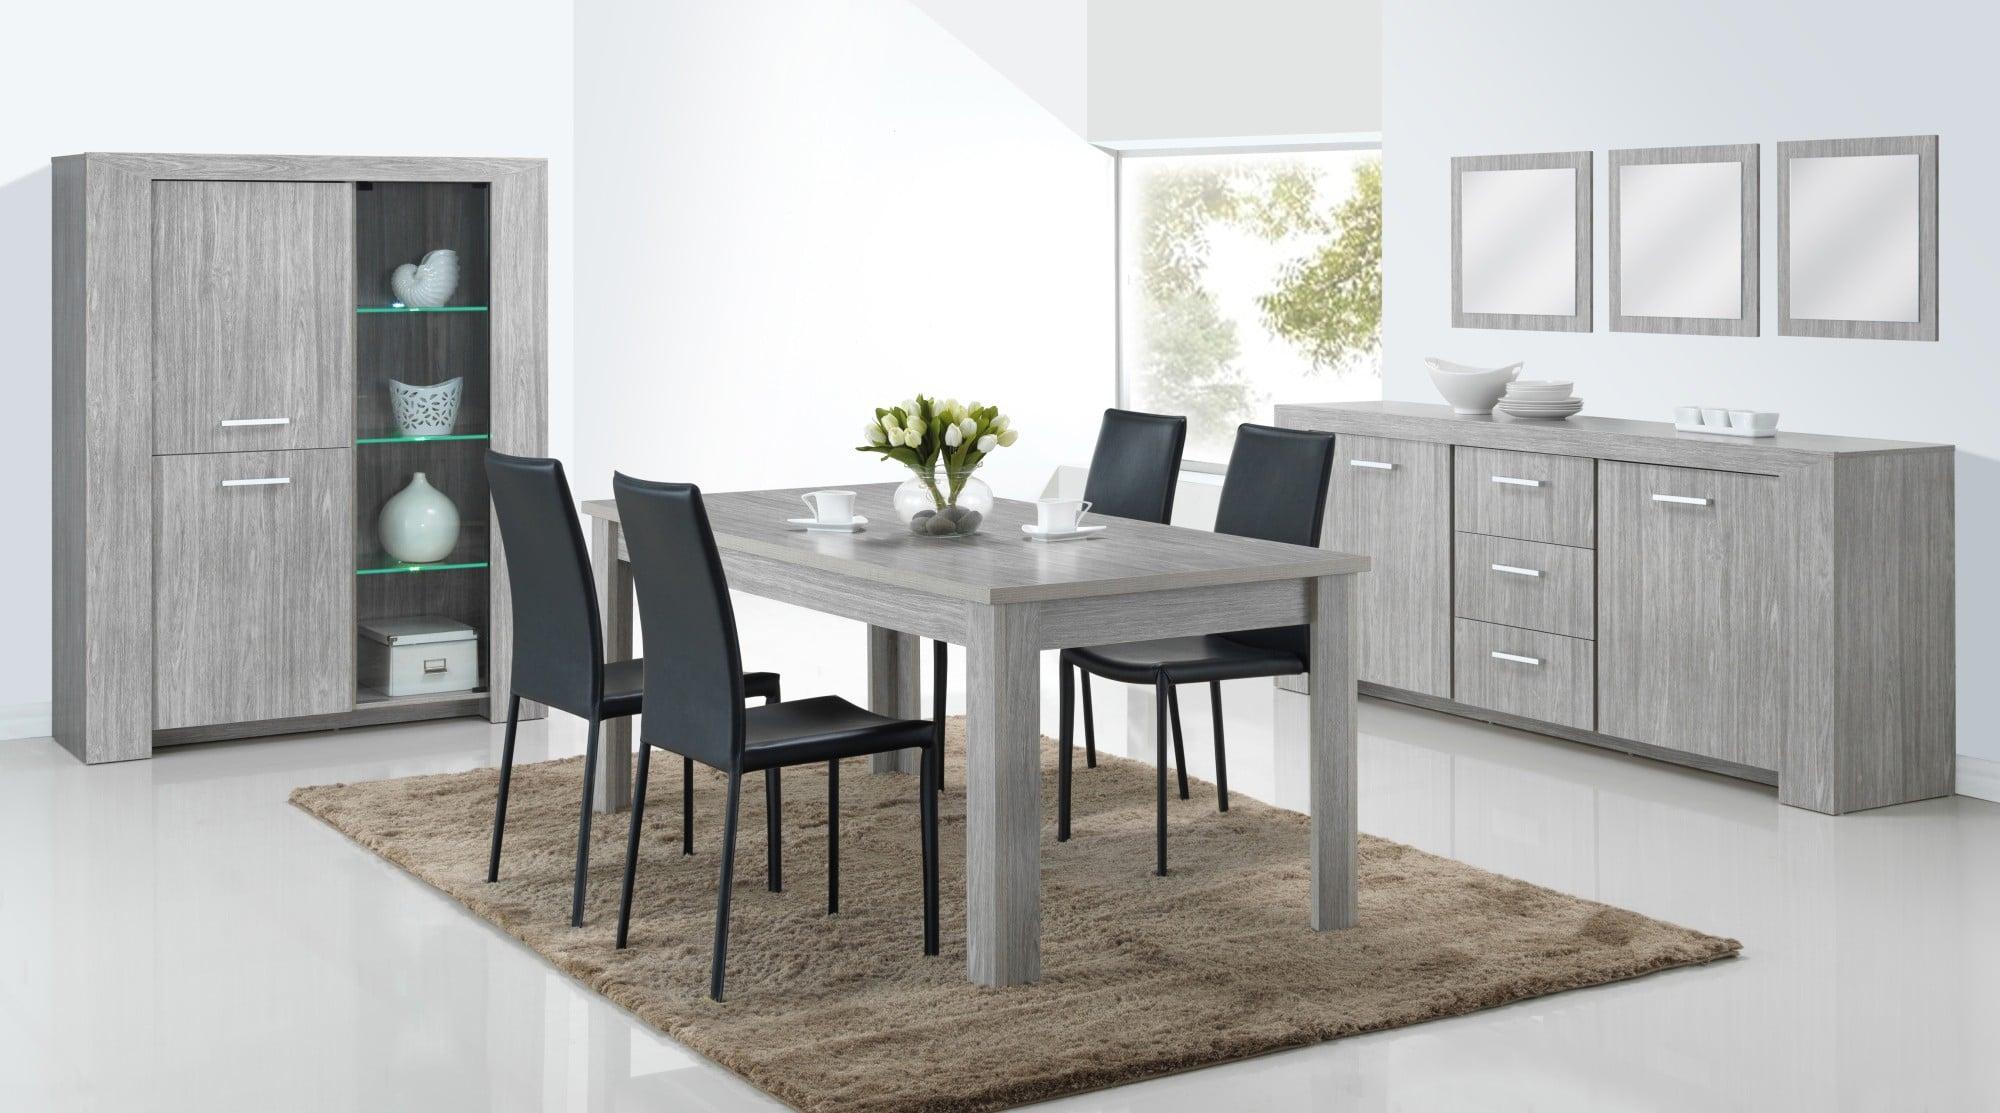 comment choisir les bonnes chaises en accord avec sa salle manger blog matelpro